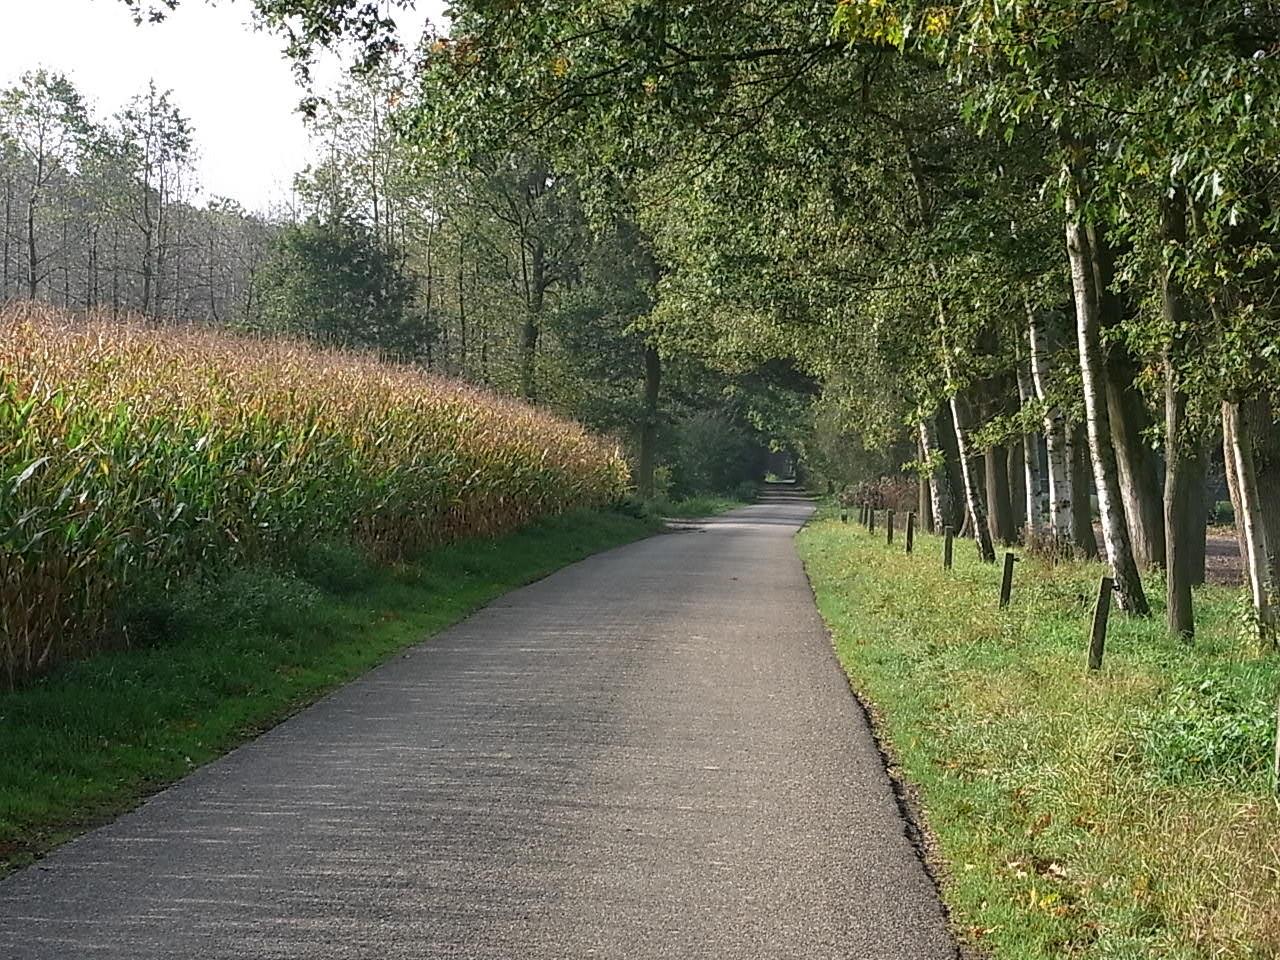 Wunderschöne Strecken mitten im Grünen